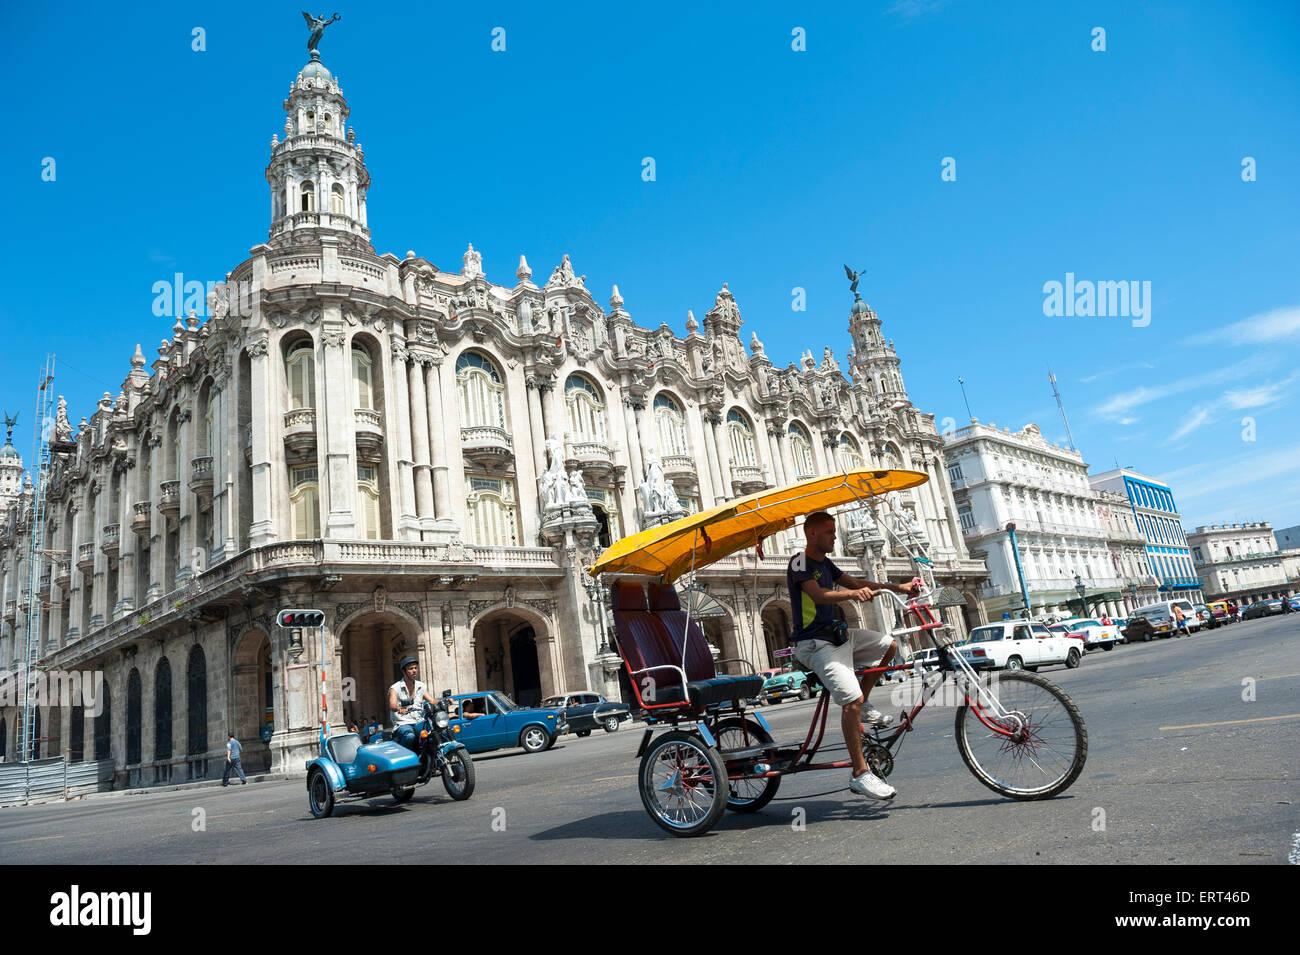 Havanna, Kuba - Juni 2011: Fahrrad-Taxi als ein Bicitaxi Pedale hinter der großen Theater Wahrzeichen bekannt. Stockbild